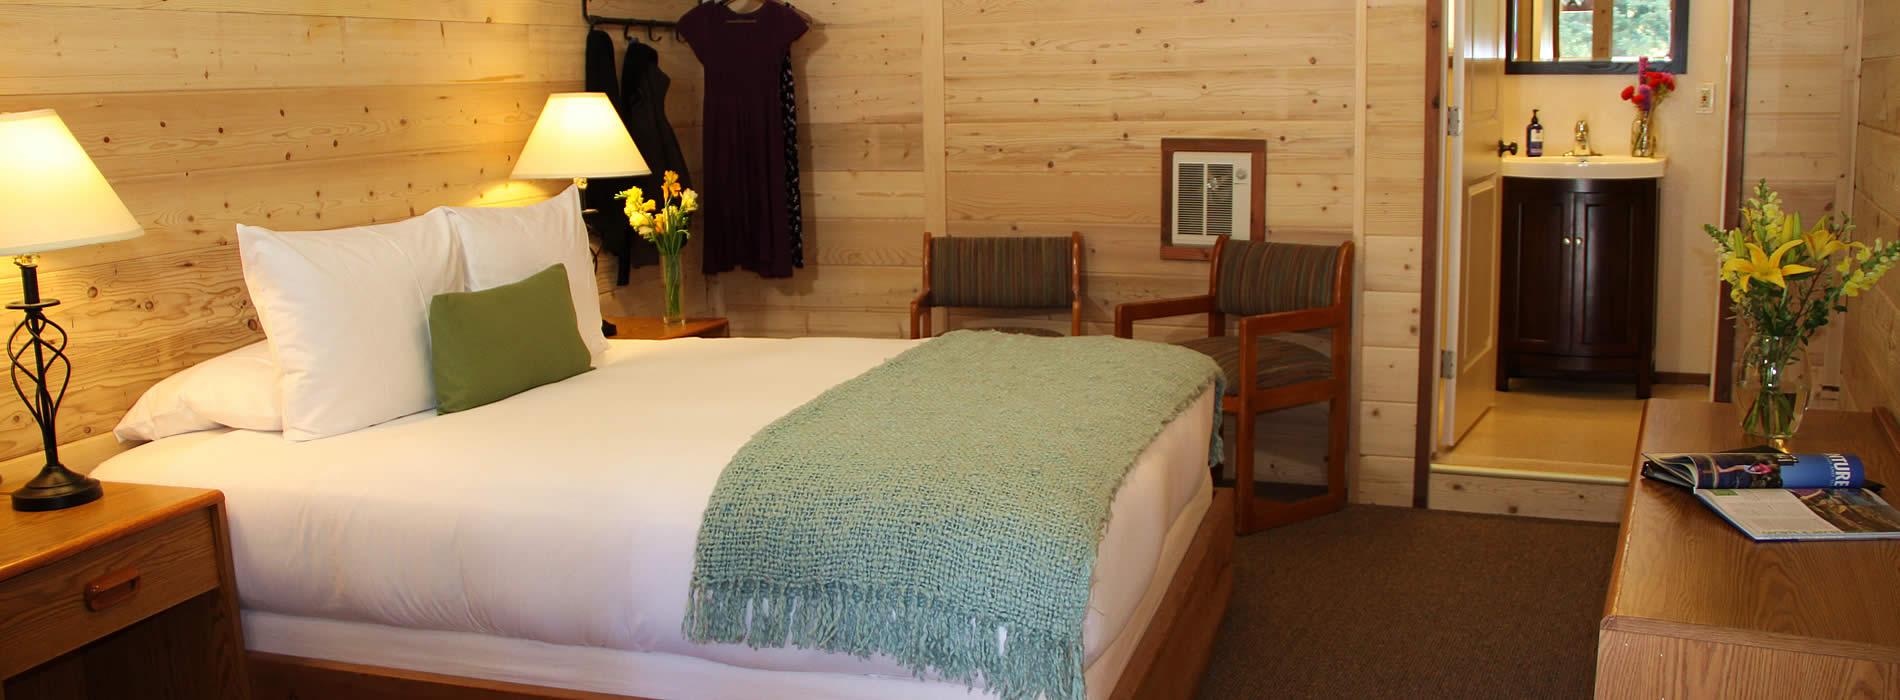 big-sur-river-inn-big-sur-california-guest-room